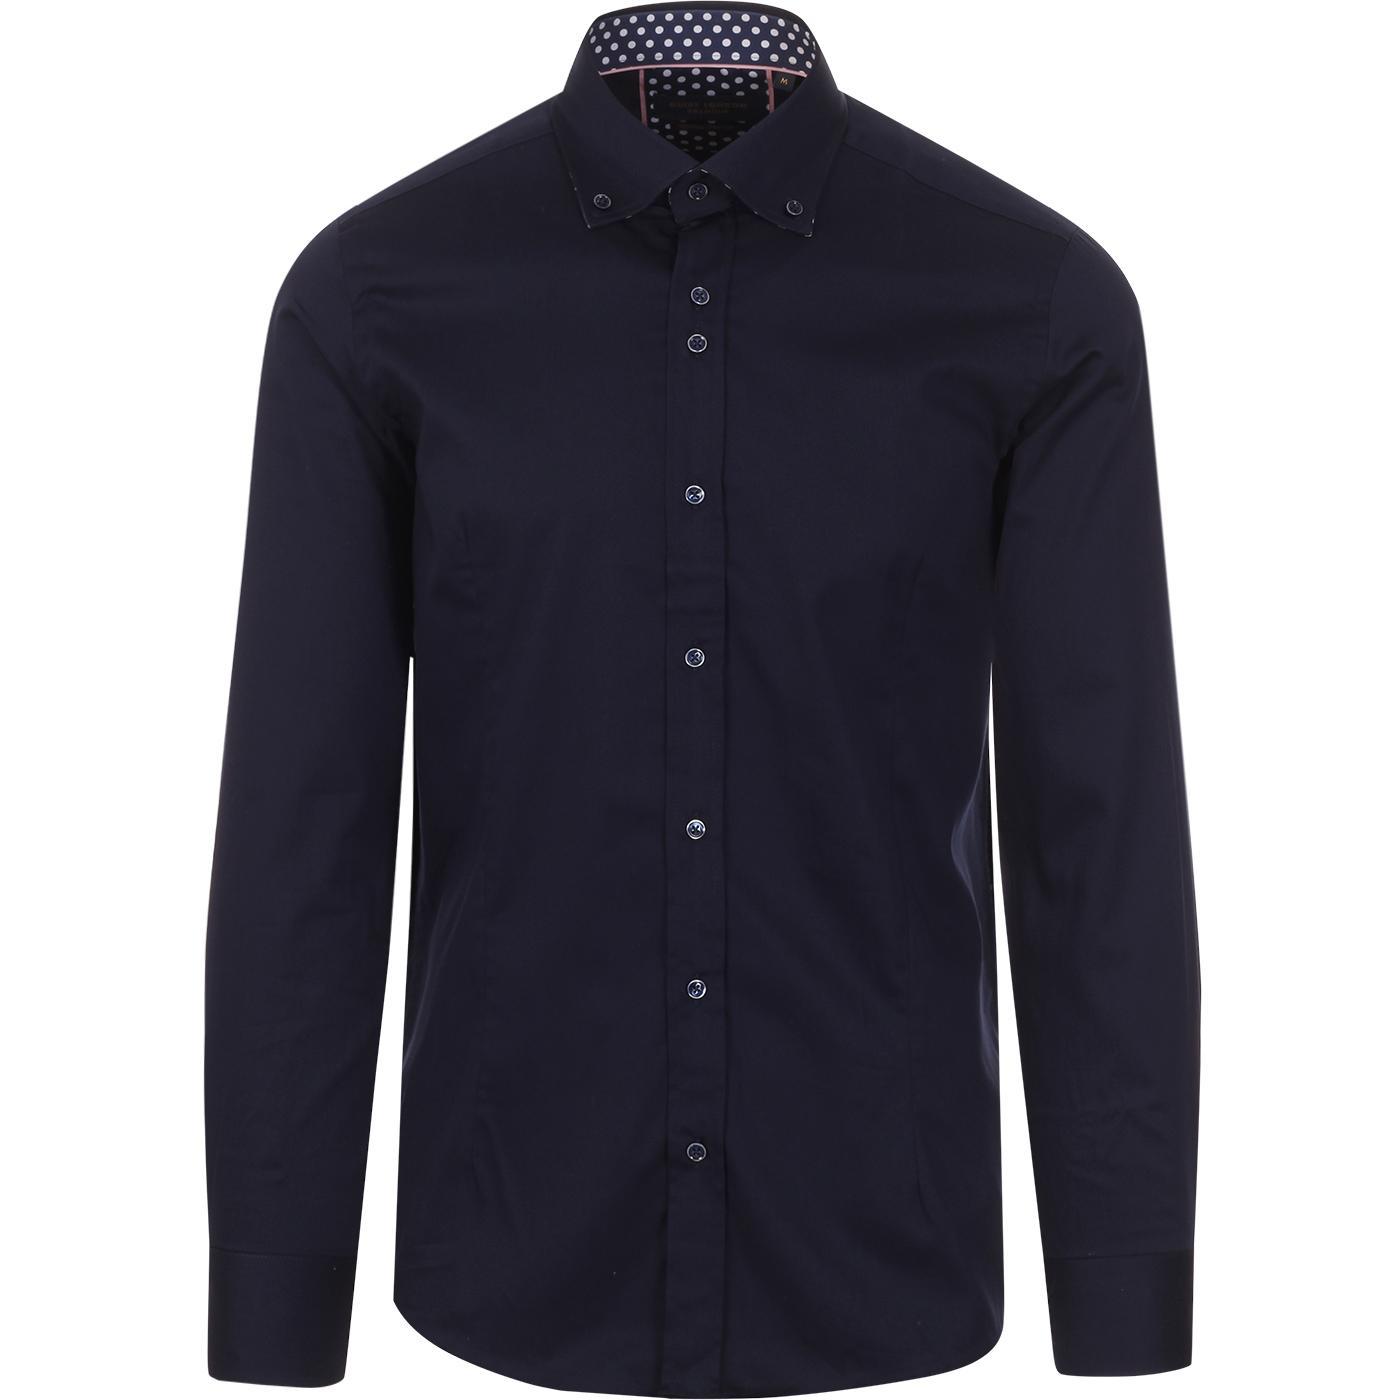 GUIDE LONDON Smart Plain Shirt w/ Polkadot Trim N